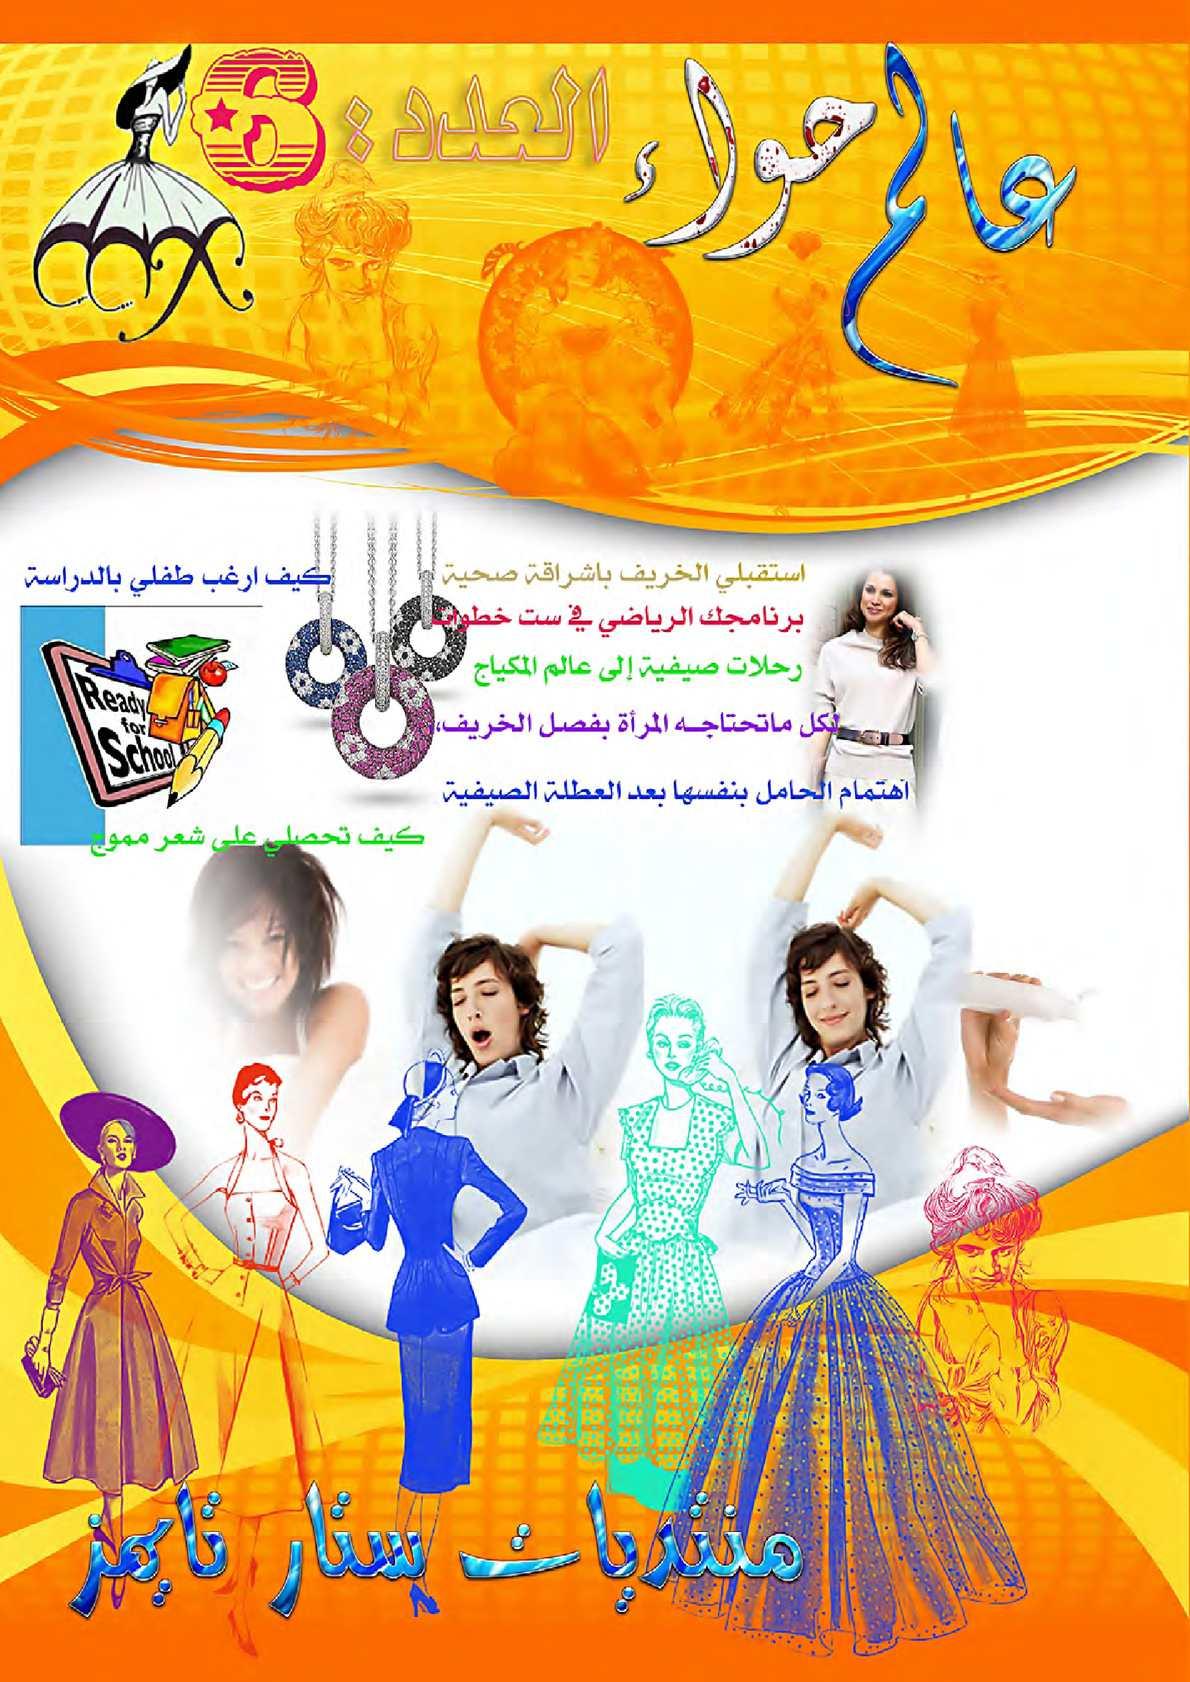 15fbc736d44fa Calaméo - عالم حواء - مجلة عالم حواء من تصميم قيصر العرب